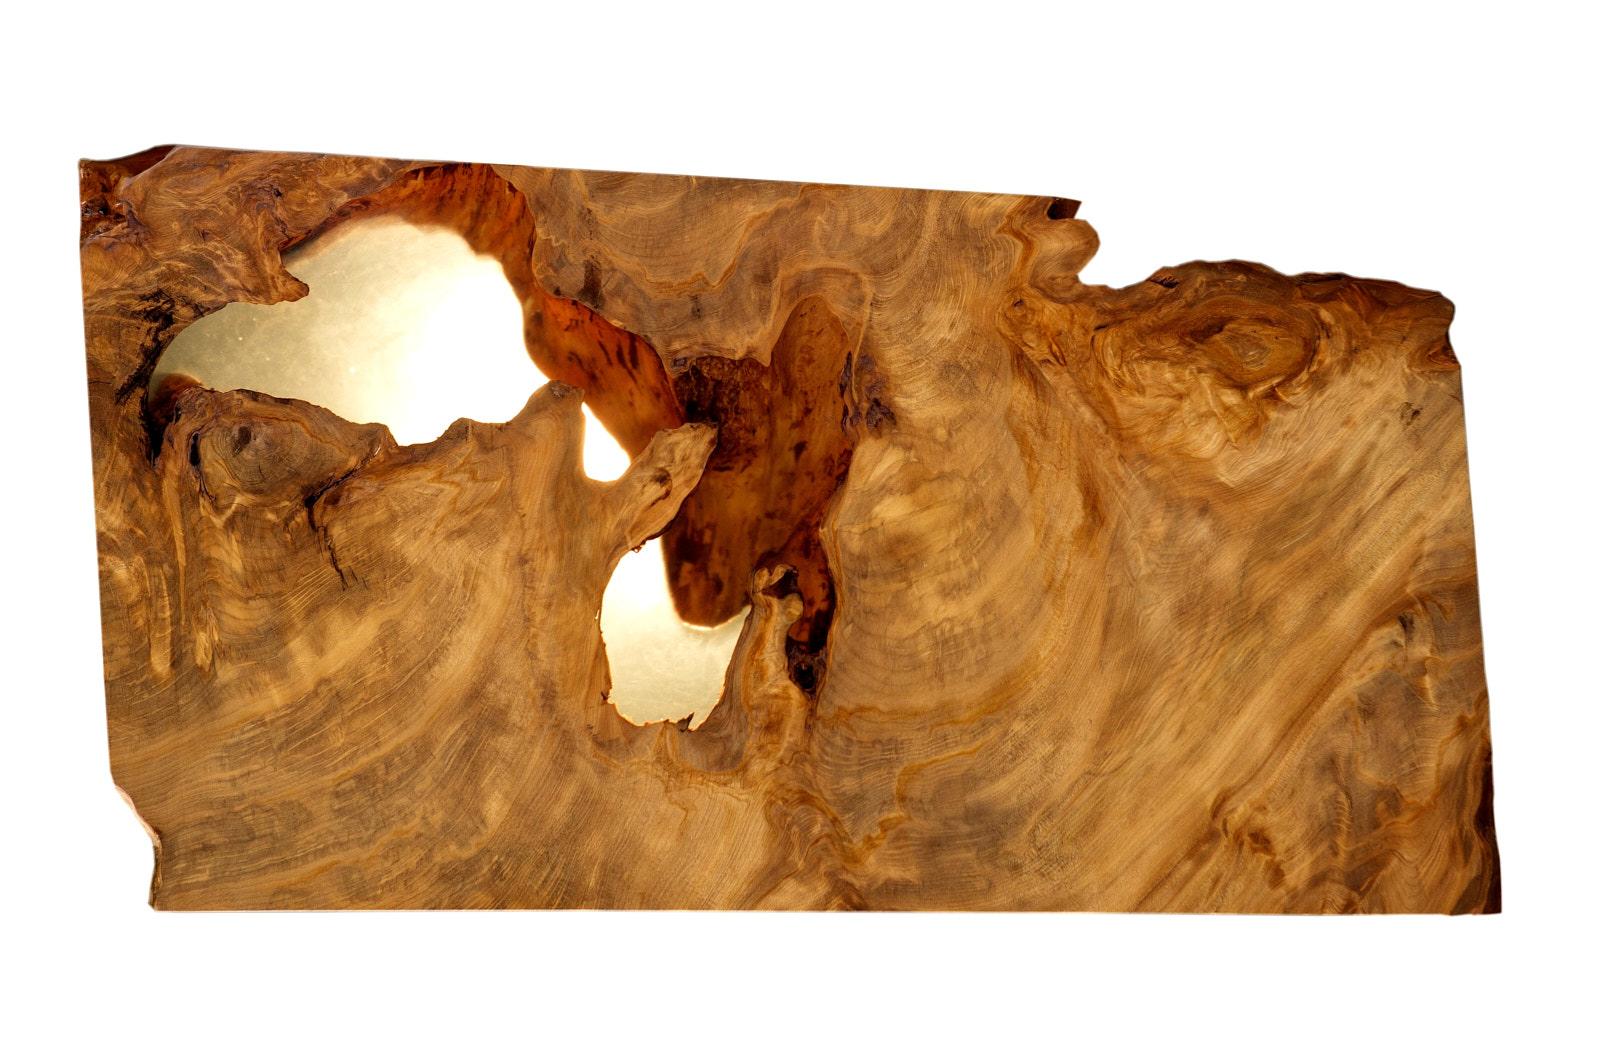 Außergewöhnliche Holzskulptur aus Kauri Wurzelholz als Kunstobjekt oder Couchtisch